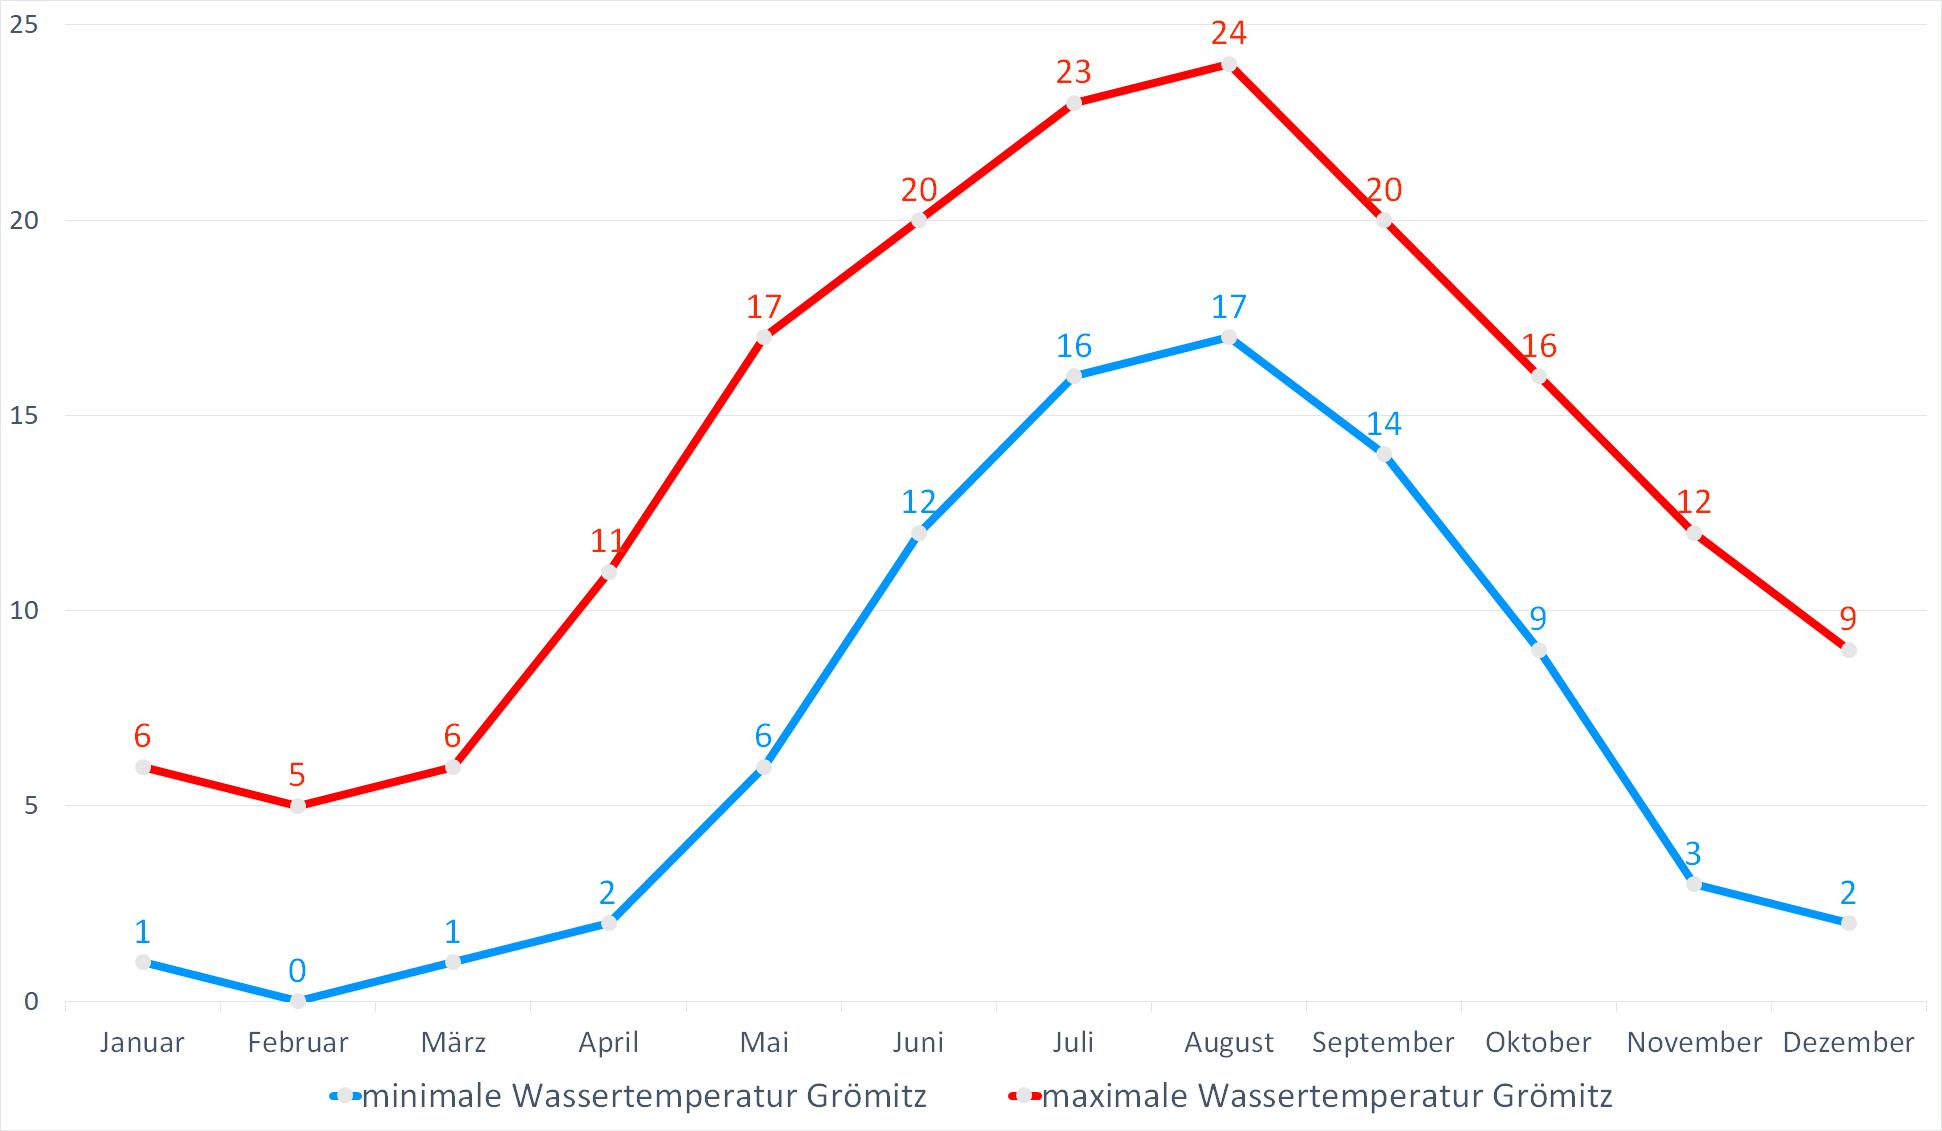 Minimale & Maximale Wassertemperaturen für Grömitz im Jahresverlauf